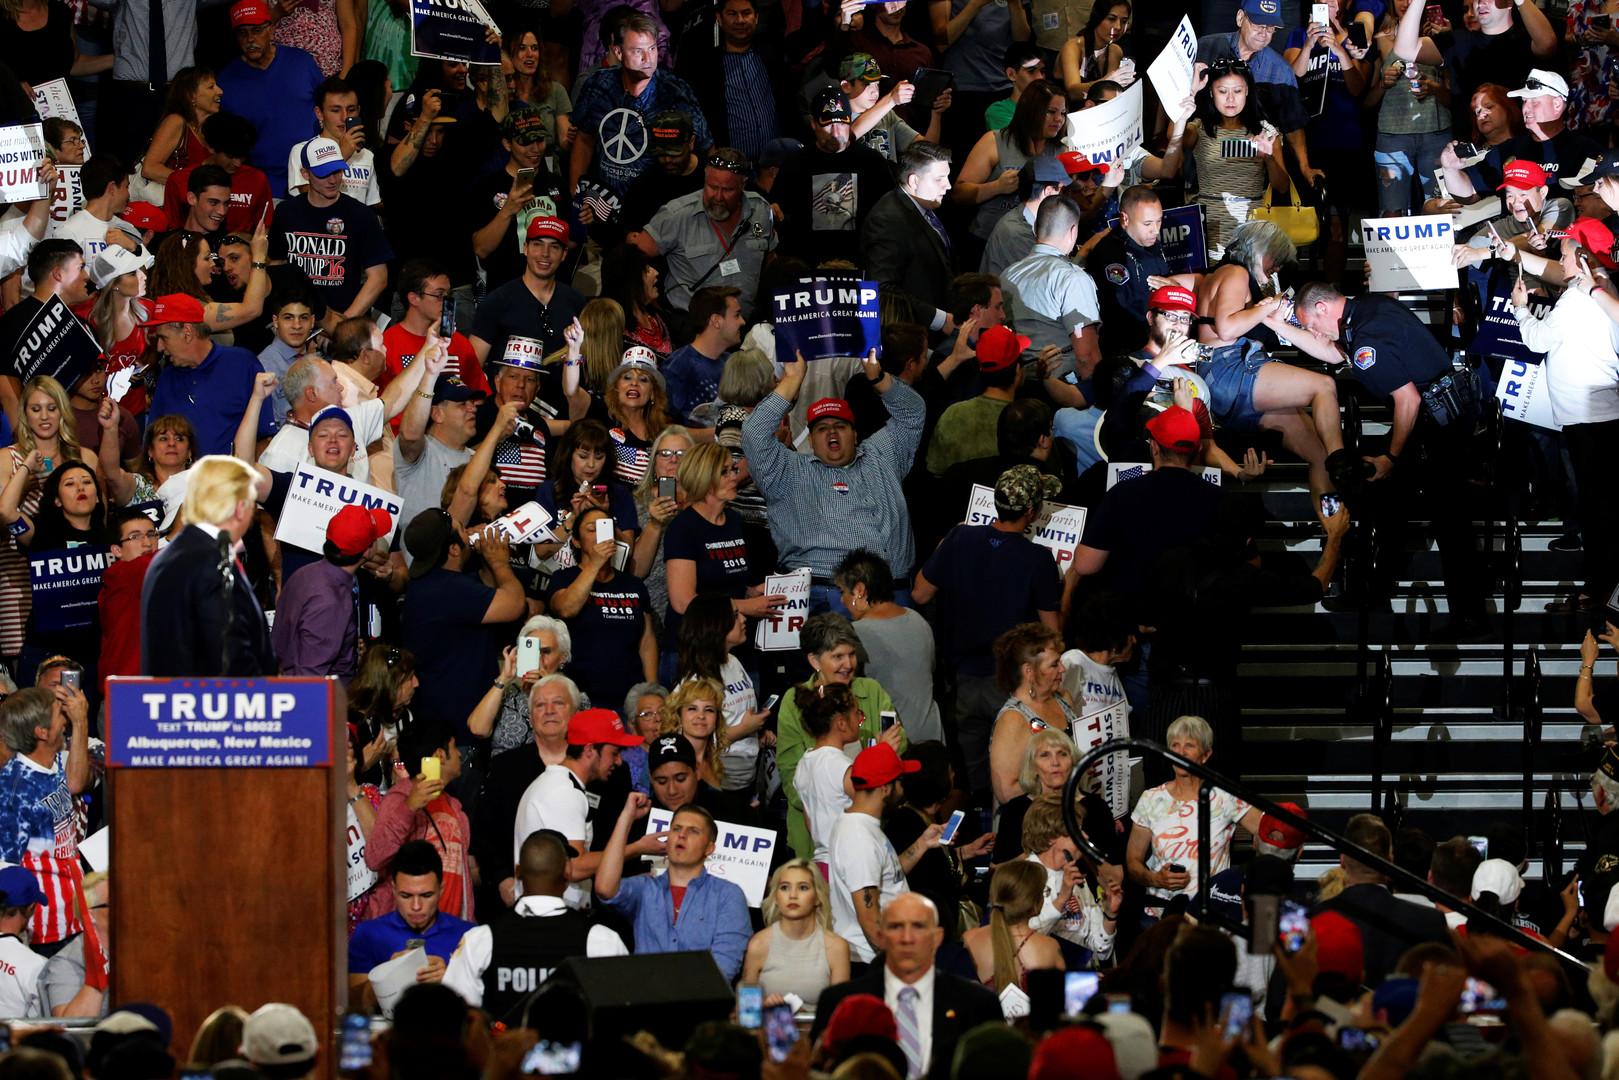 Nouveaux heurts causés par les opposants à Trump lors d'un meeting au Nouveau-Mexique